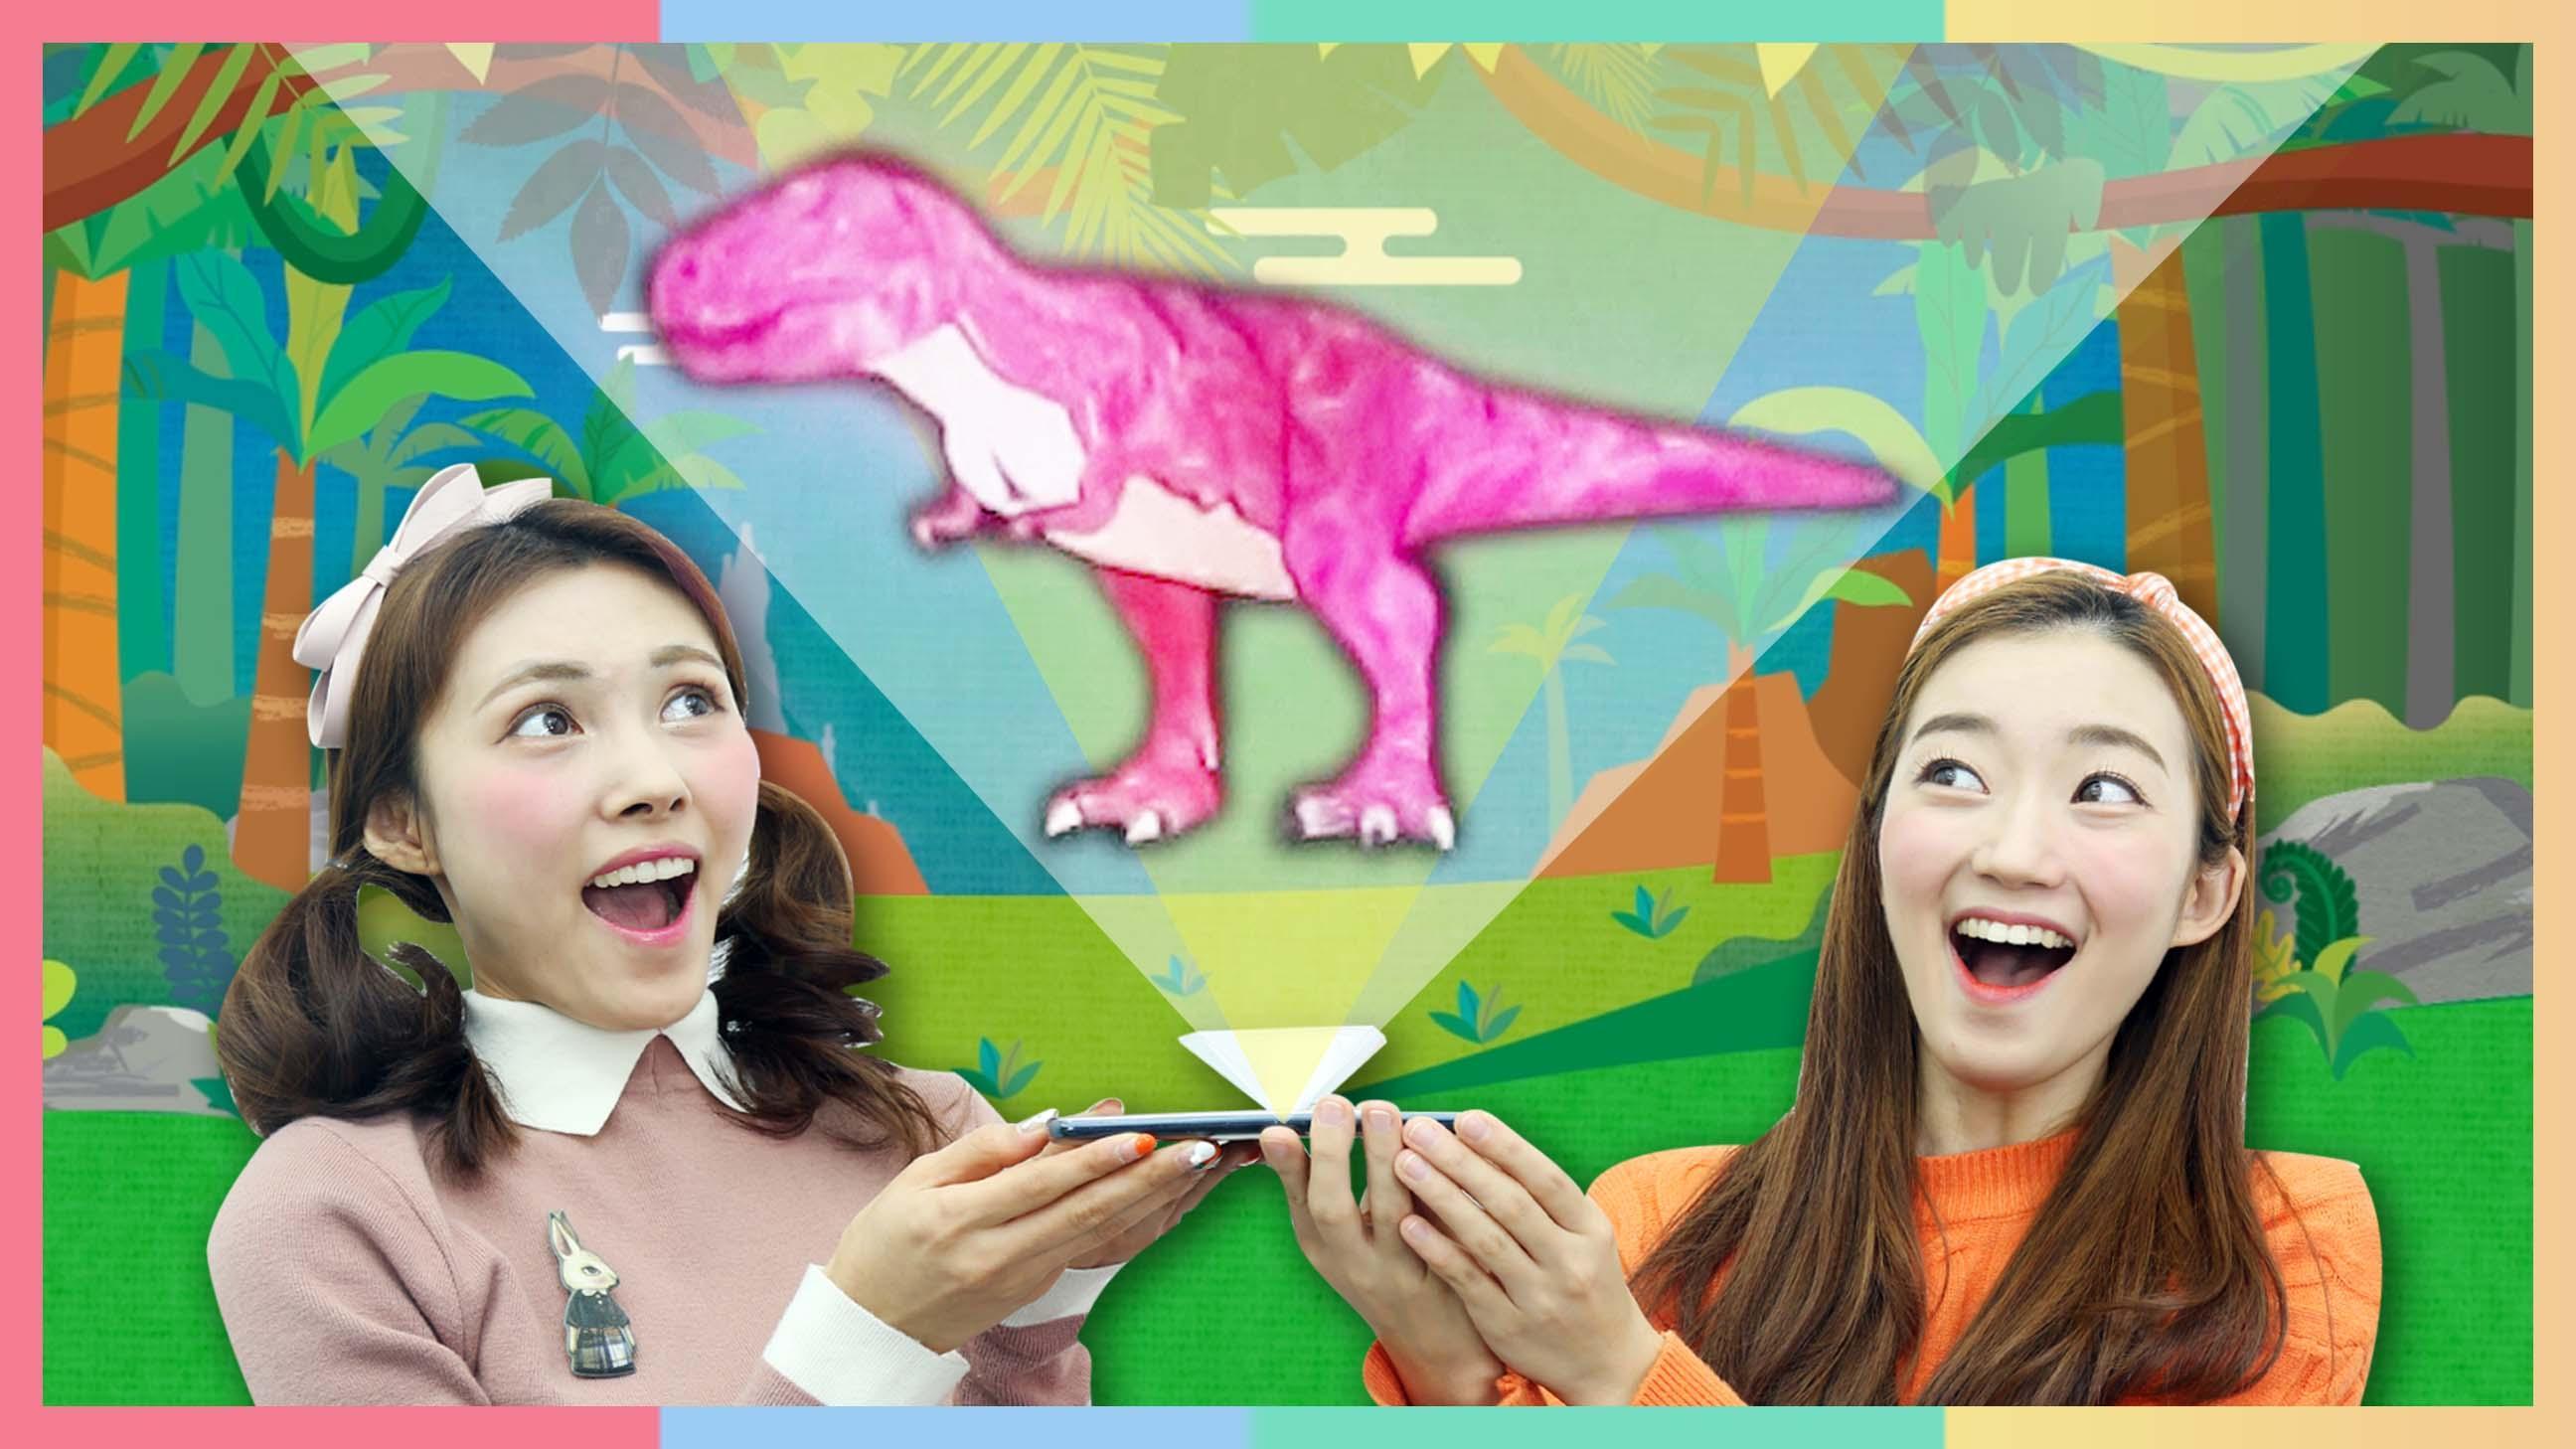 恐龙从图画书里出来啦!给可爱的动物们涂上漂亮的颜色吧 | 凯利和玩具朋友们 CarrieAndToys